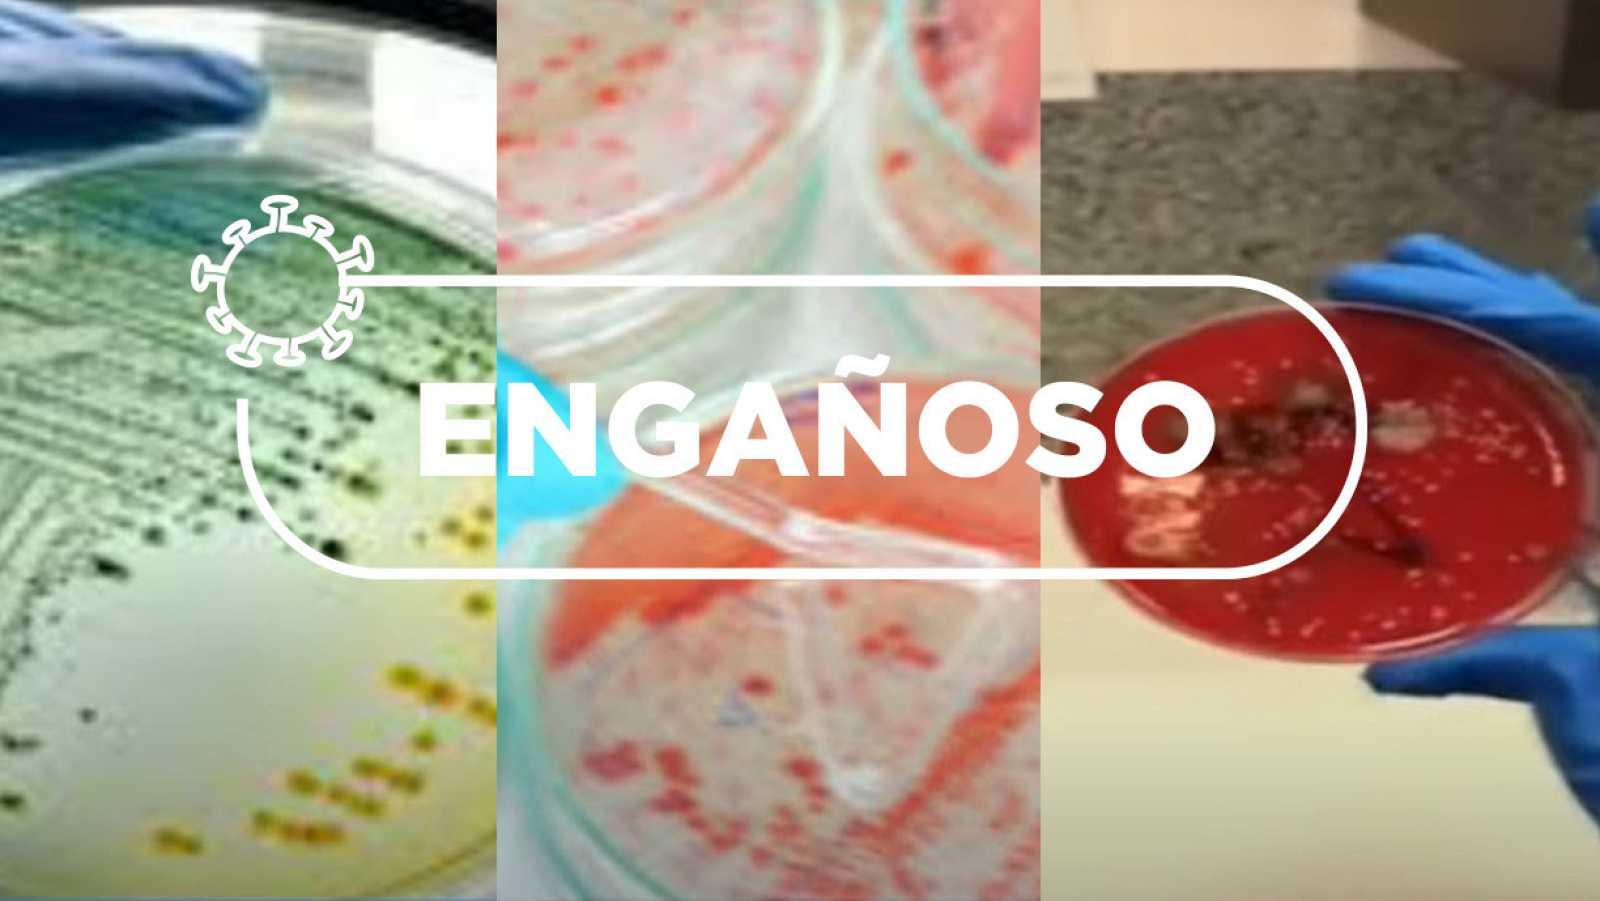 Tres capturas del vídeo experimental cortado en dos partes y utilizado de manera engañosa.